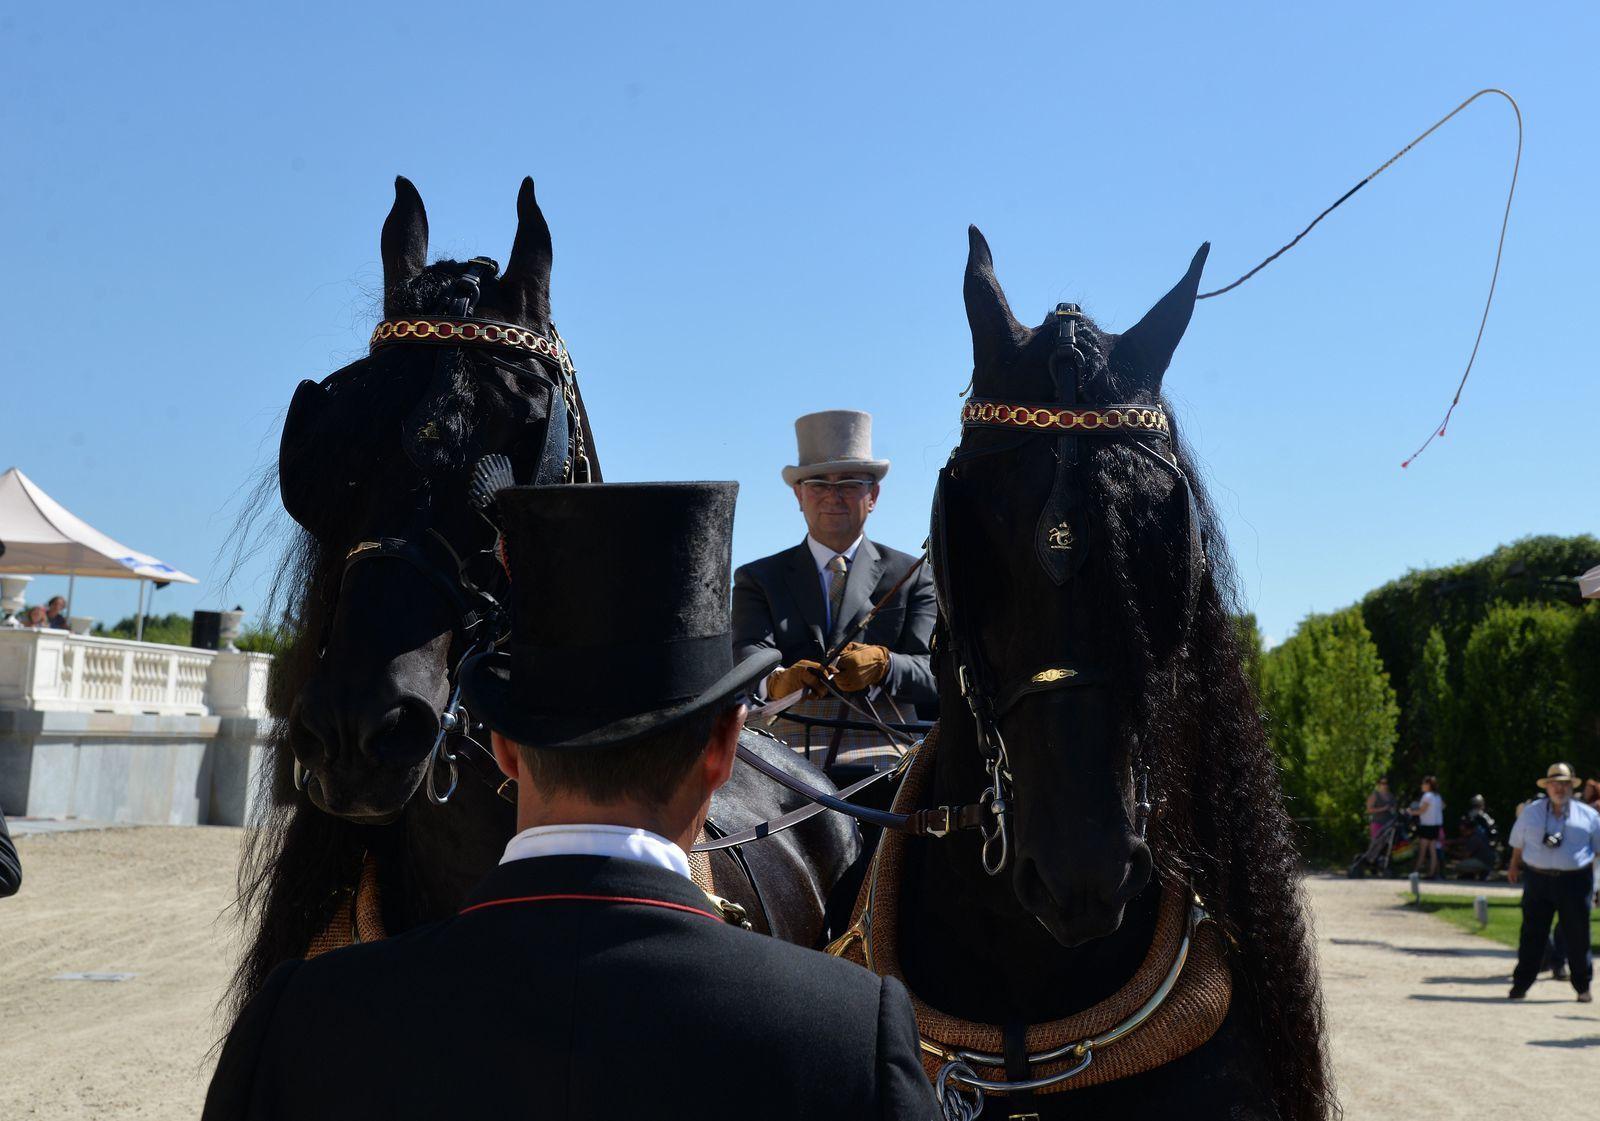 Venaria Reale 2017: Triomphe de la beauté et de l'élégance